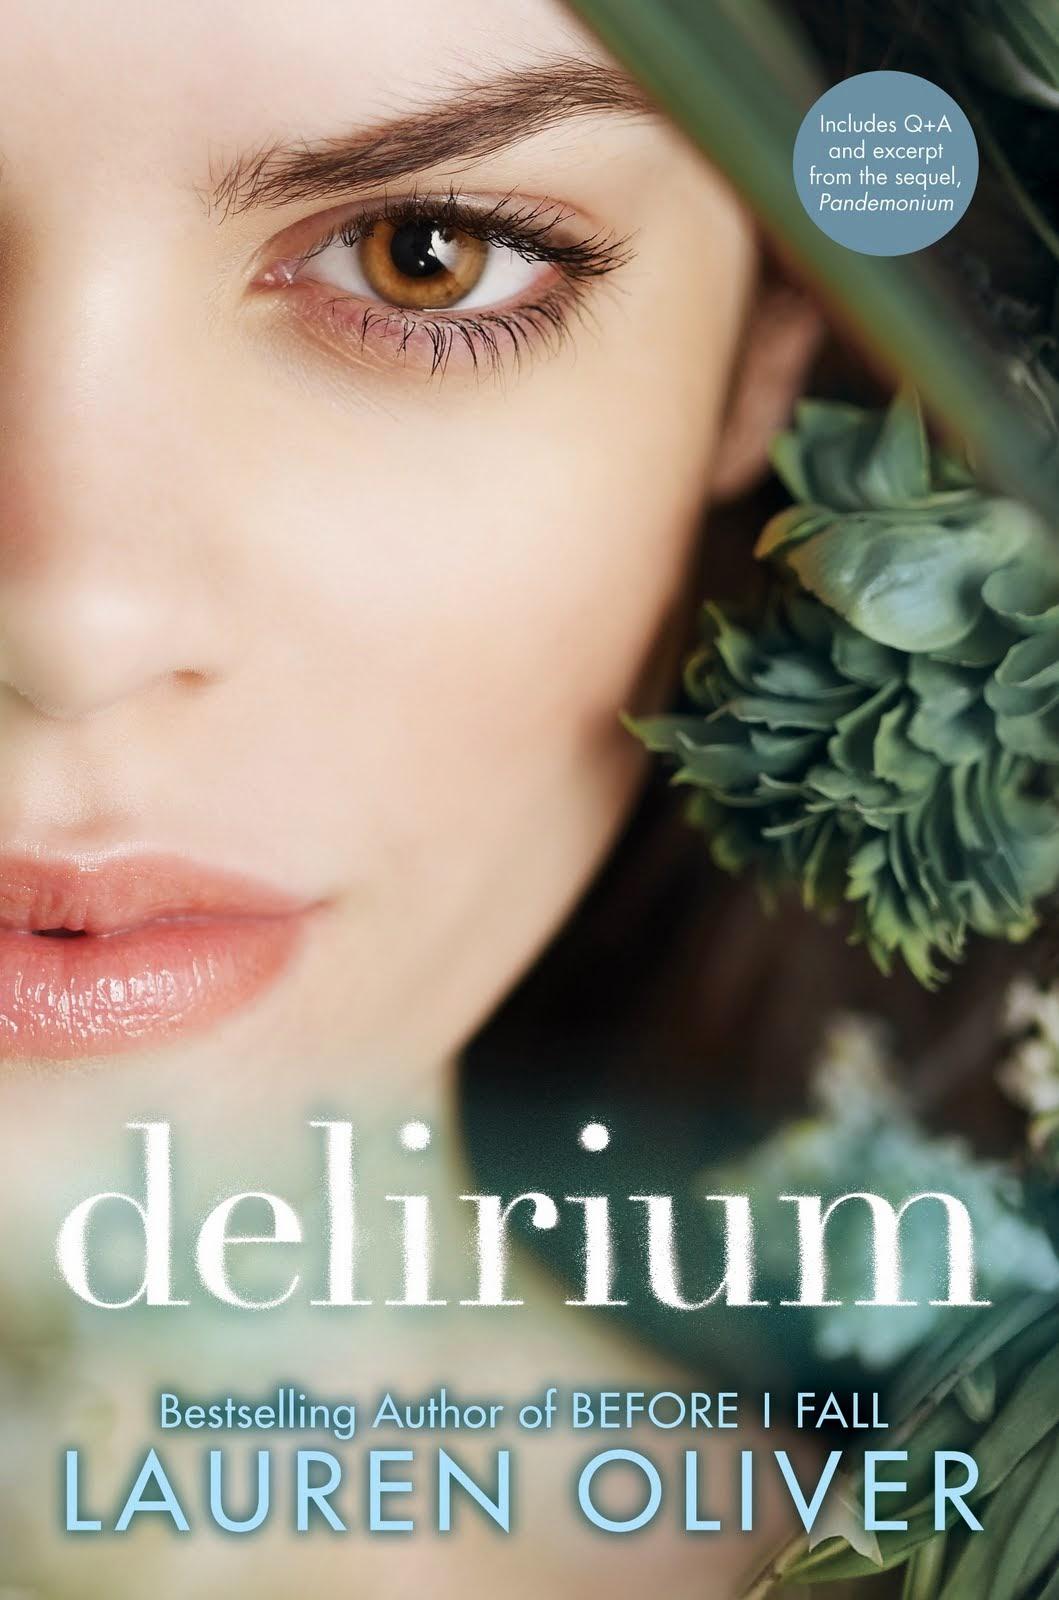 delirium-lauren-oliver-mis-nuevas-presas-interesantes-recomendaciones-libros-literatura-opinion-blogs-blogger